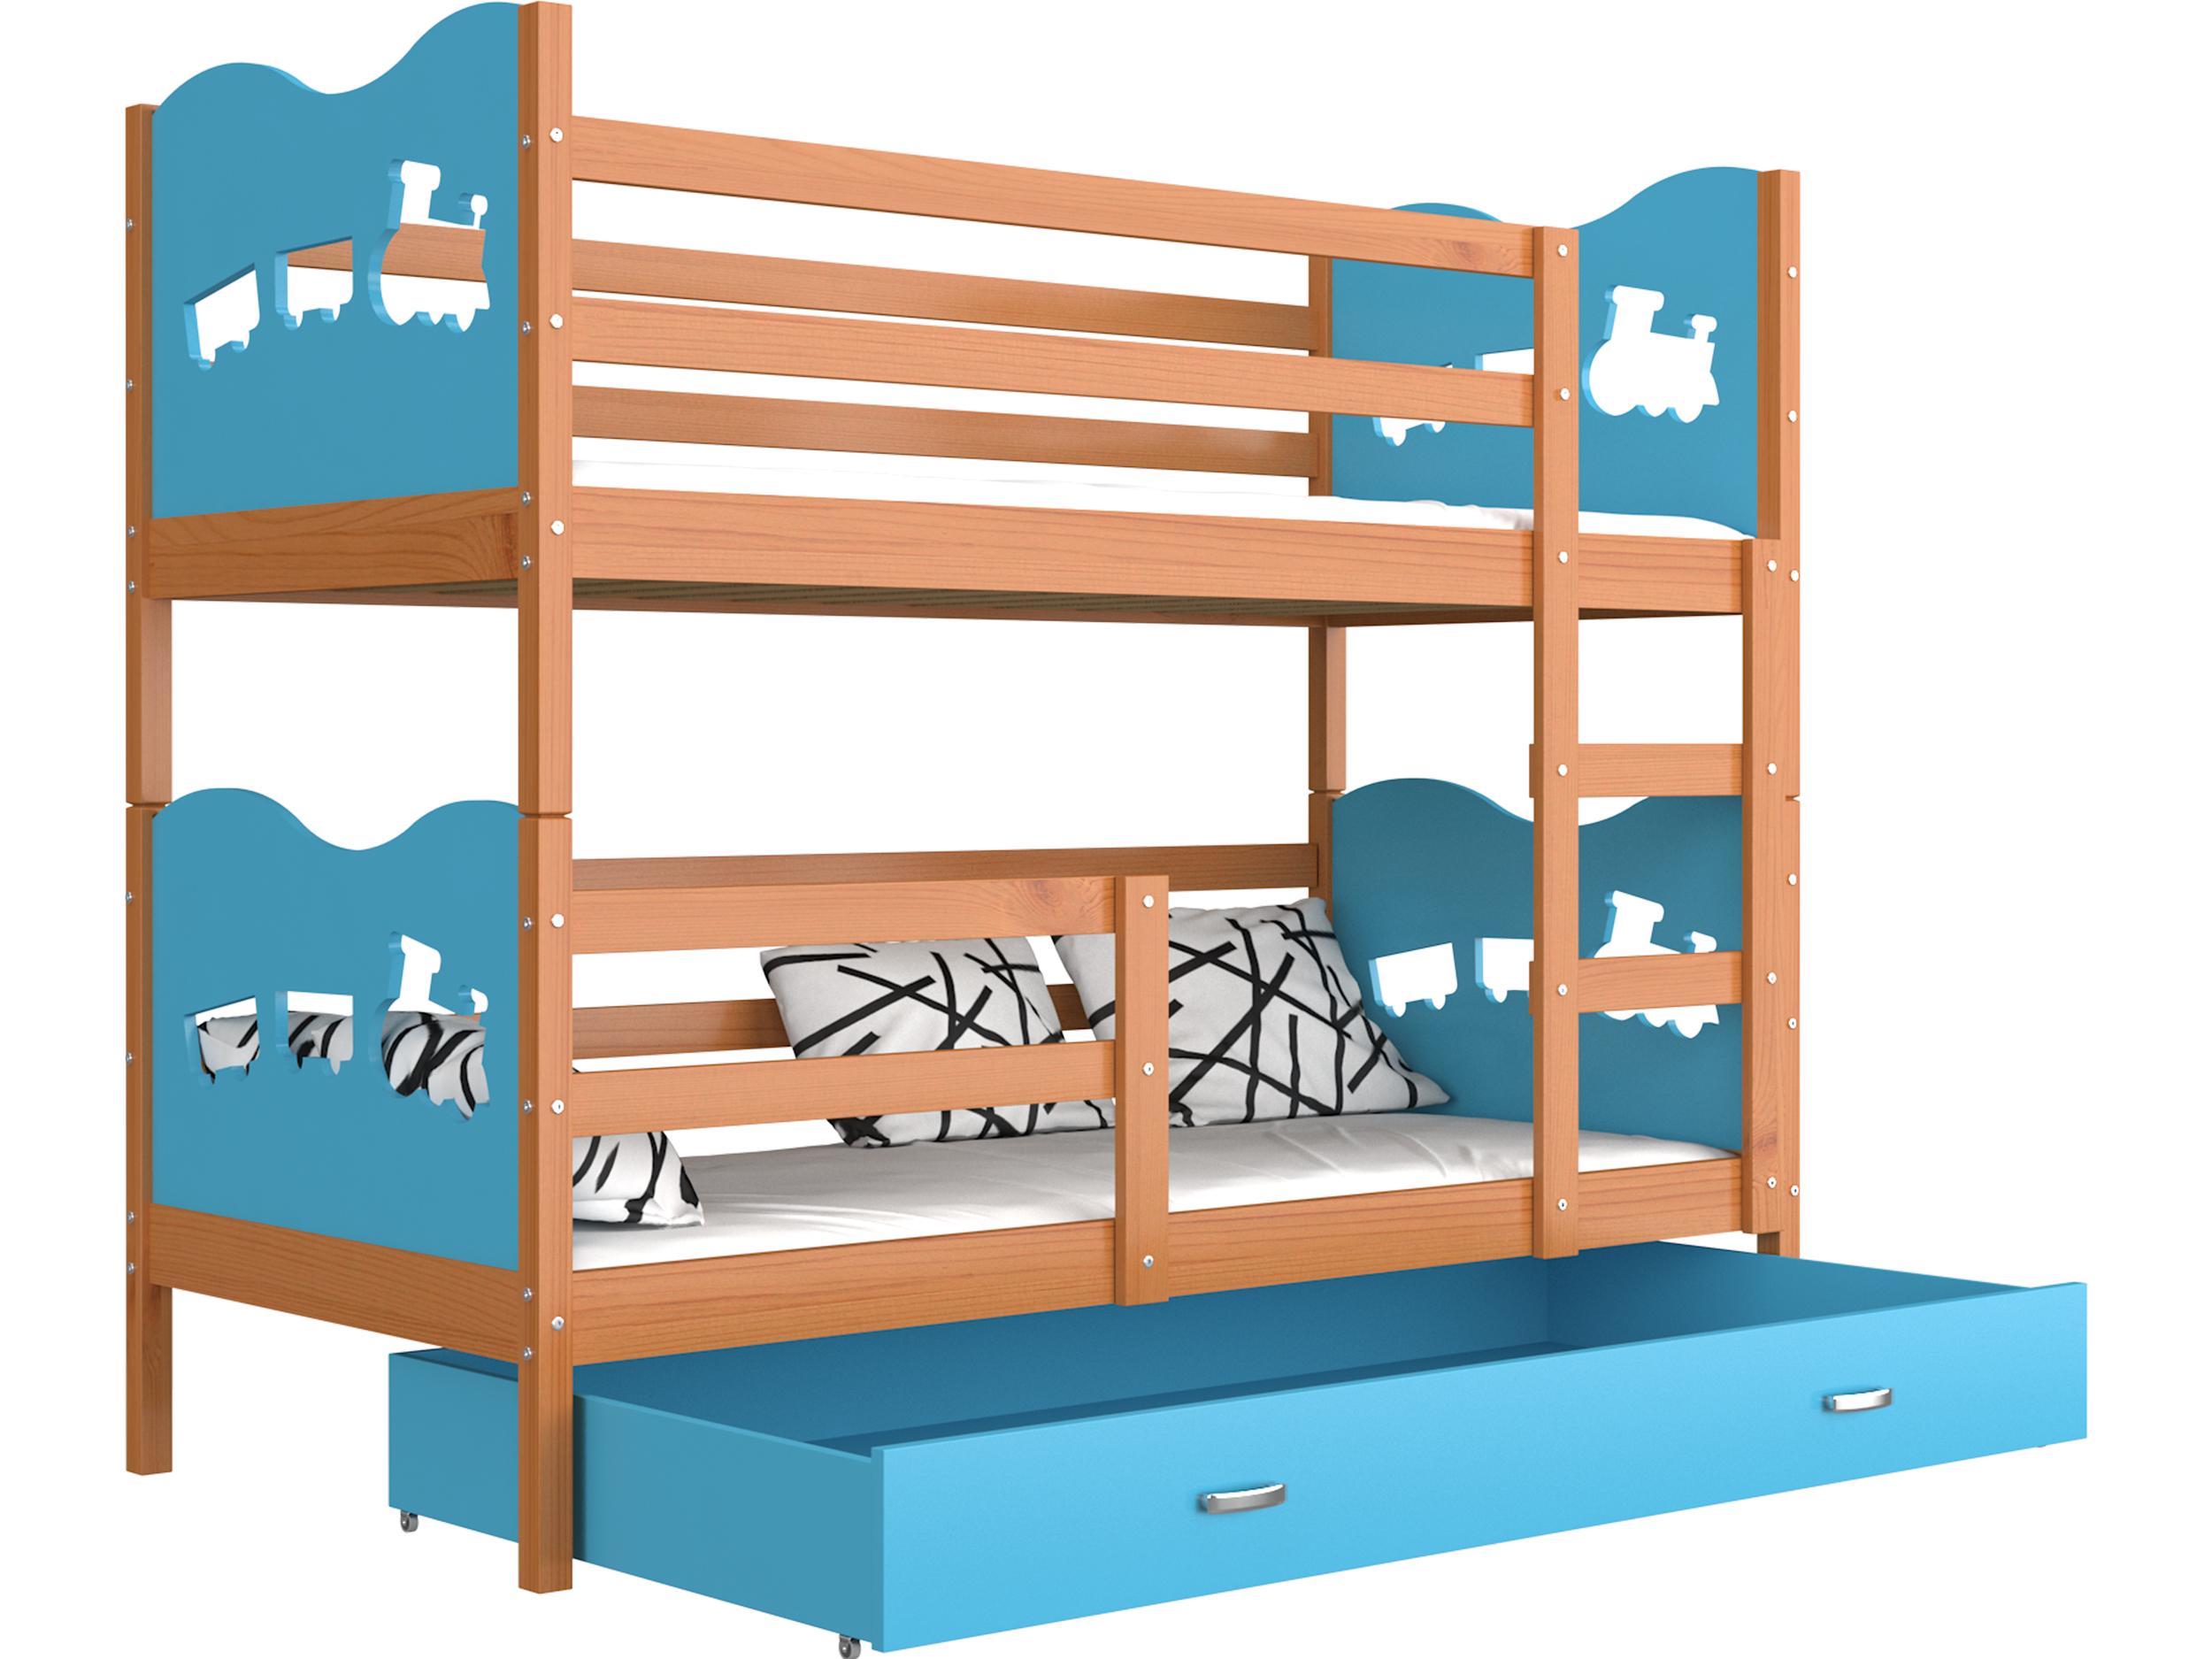 ArtAJ Detská poschodová posteľ MAX drevo / MDF 190 x 80 cm Farba: jelša / modrá 190 x 80 cm, s matracom